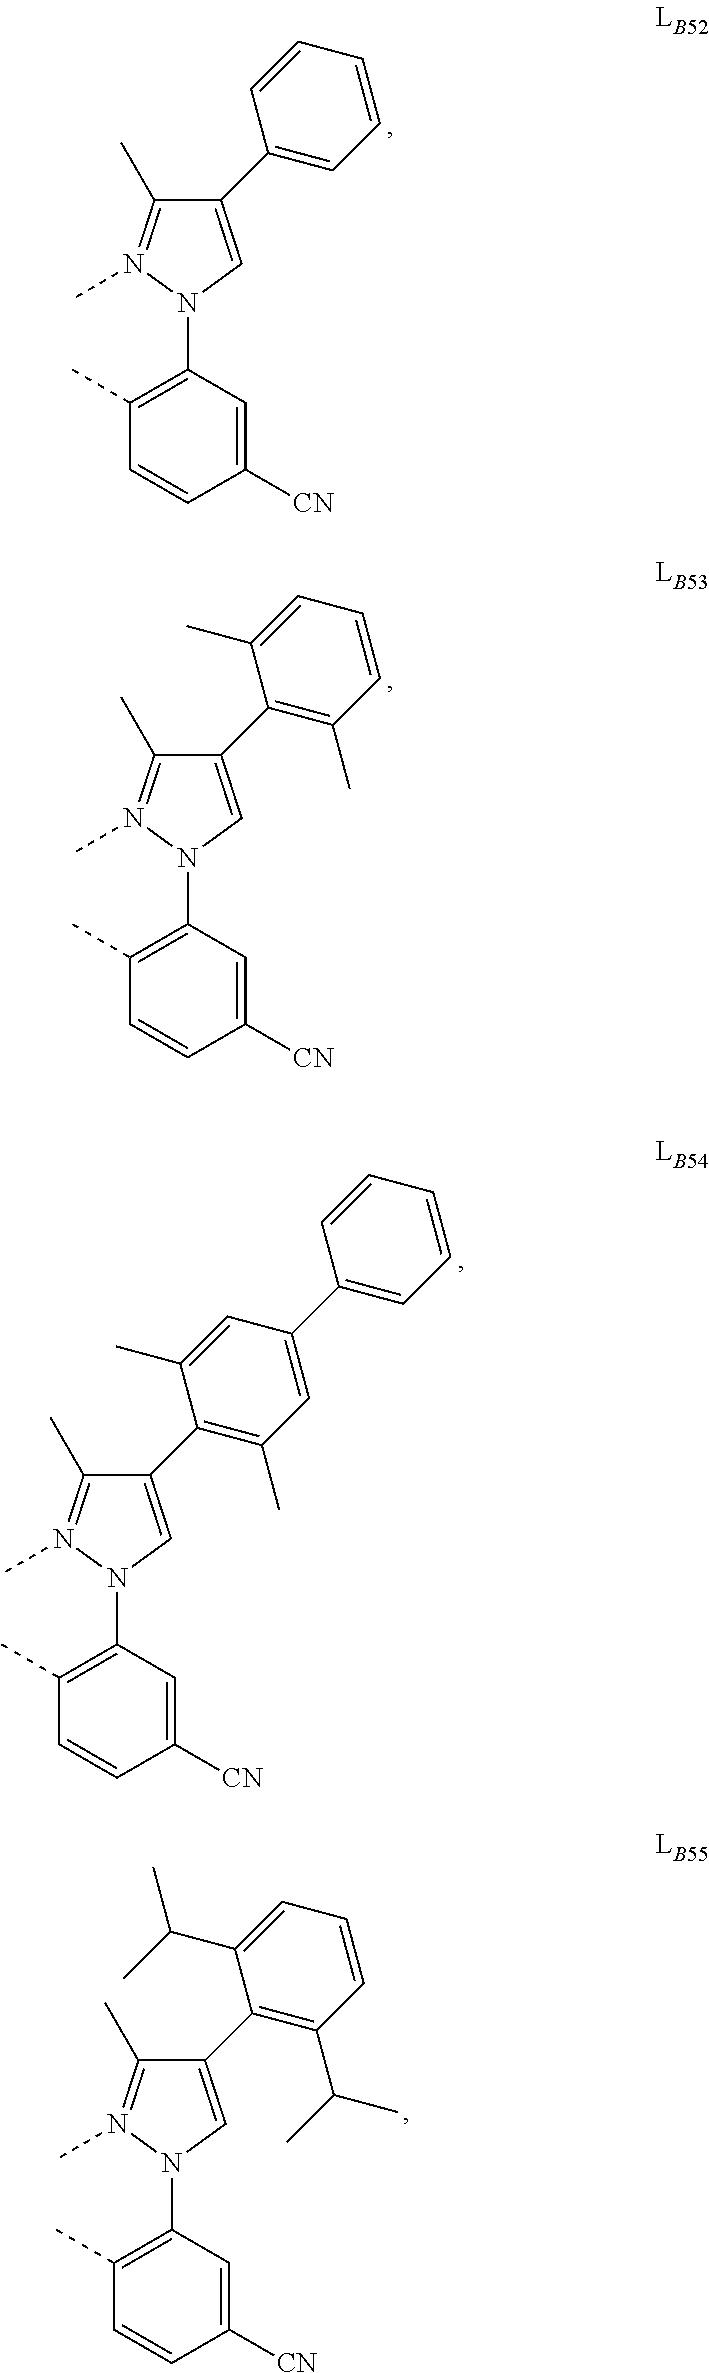 Figure US09905785-20180227-C00509